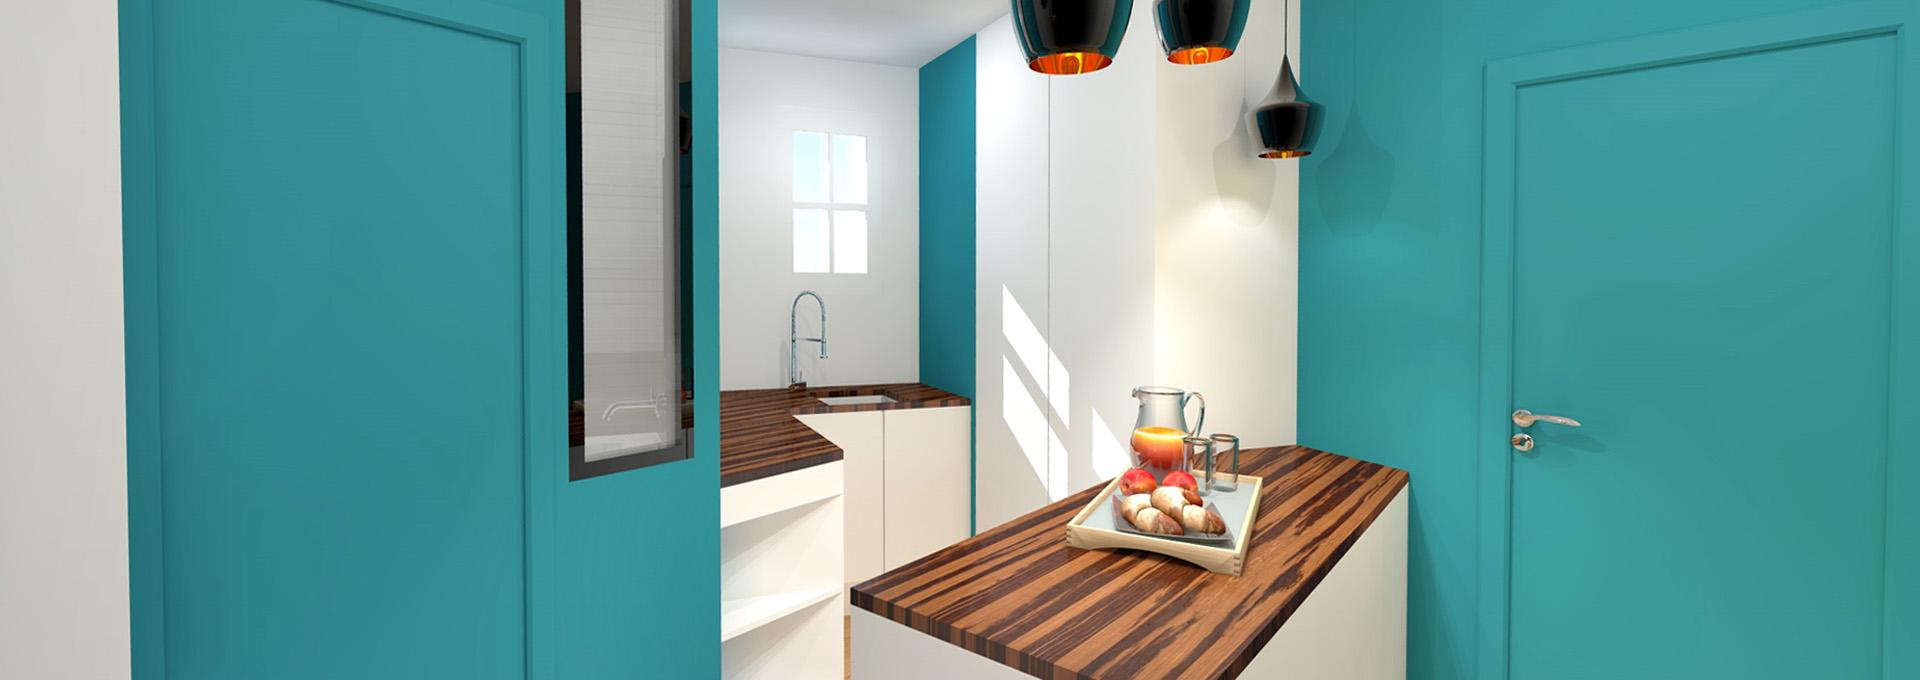 Amnagement cuisine couloir incredible decoration for Amenagement cuisine originale